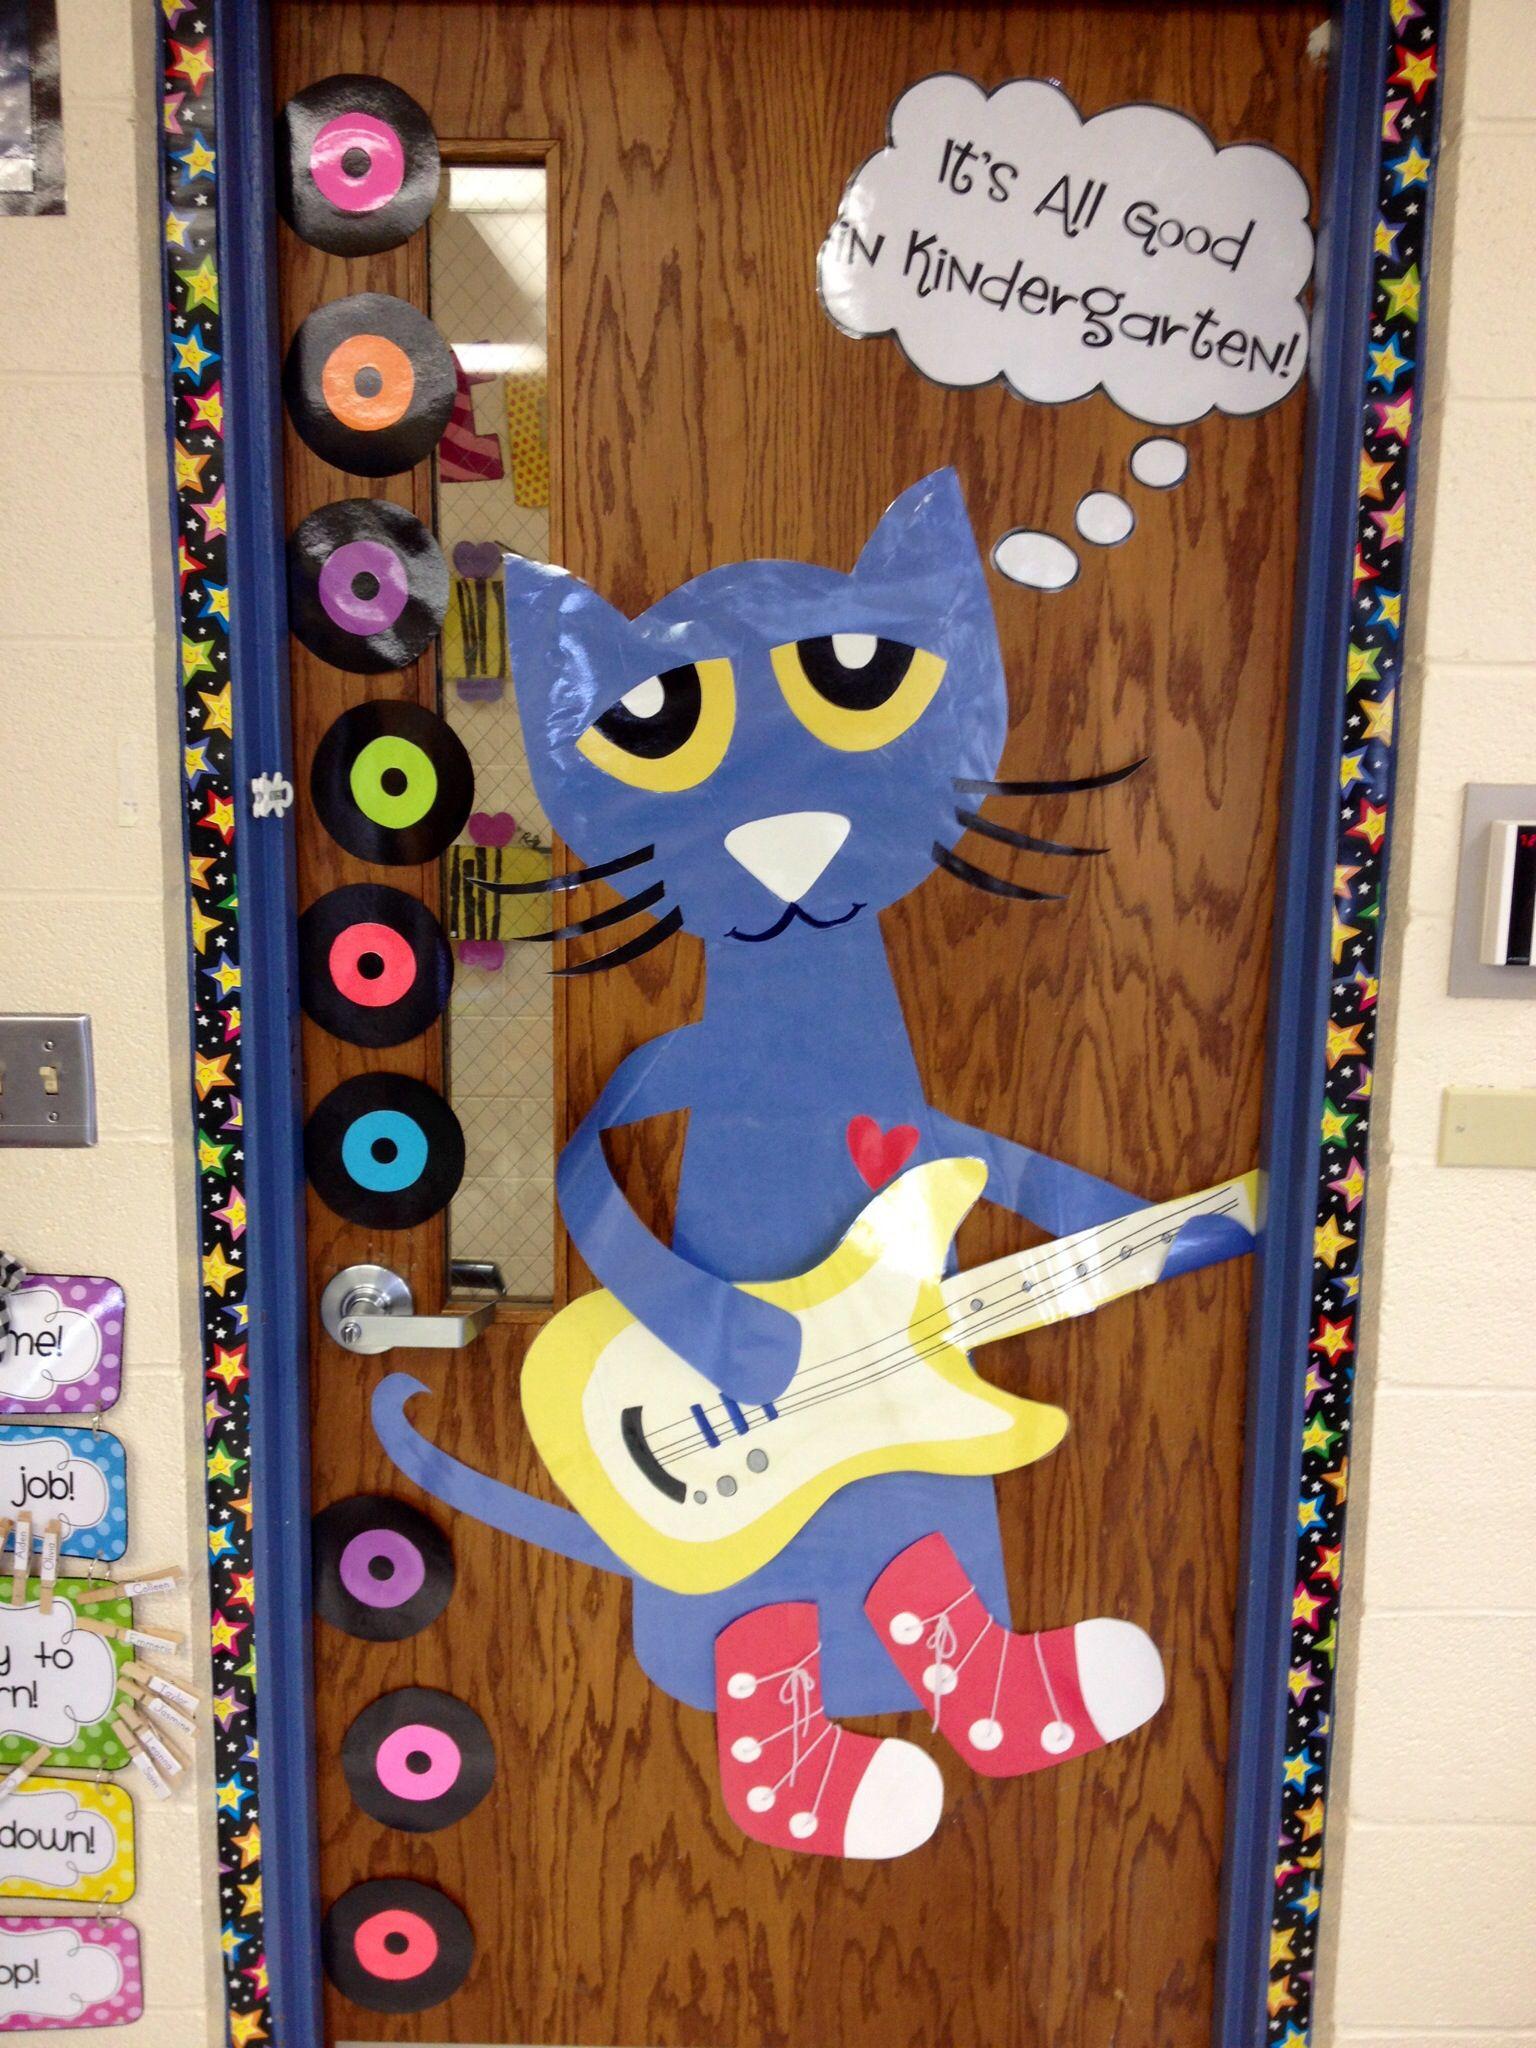 Pete The Cat On Classroom Door It S All Good In